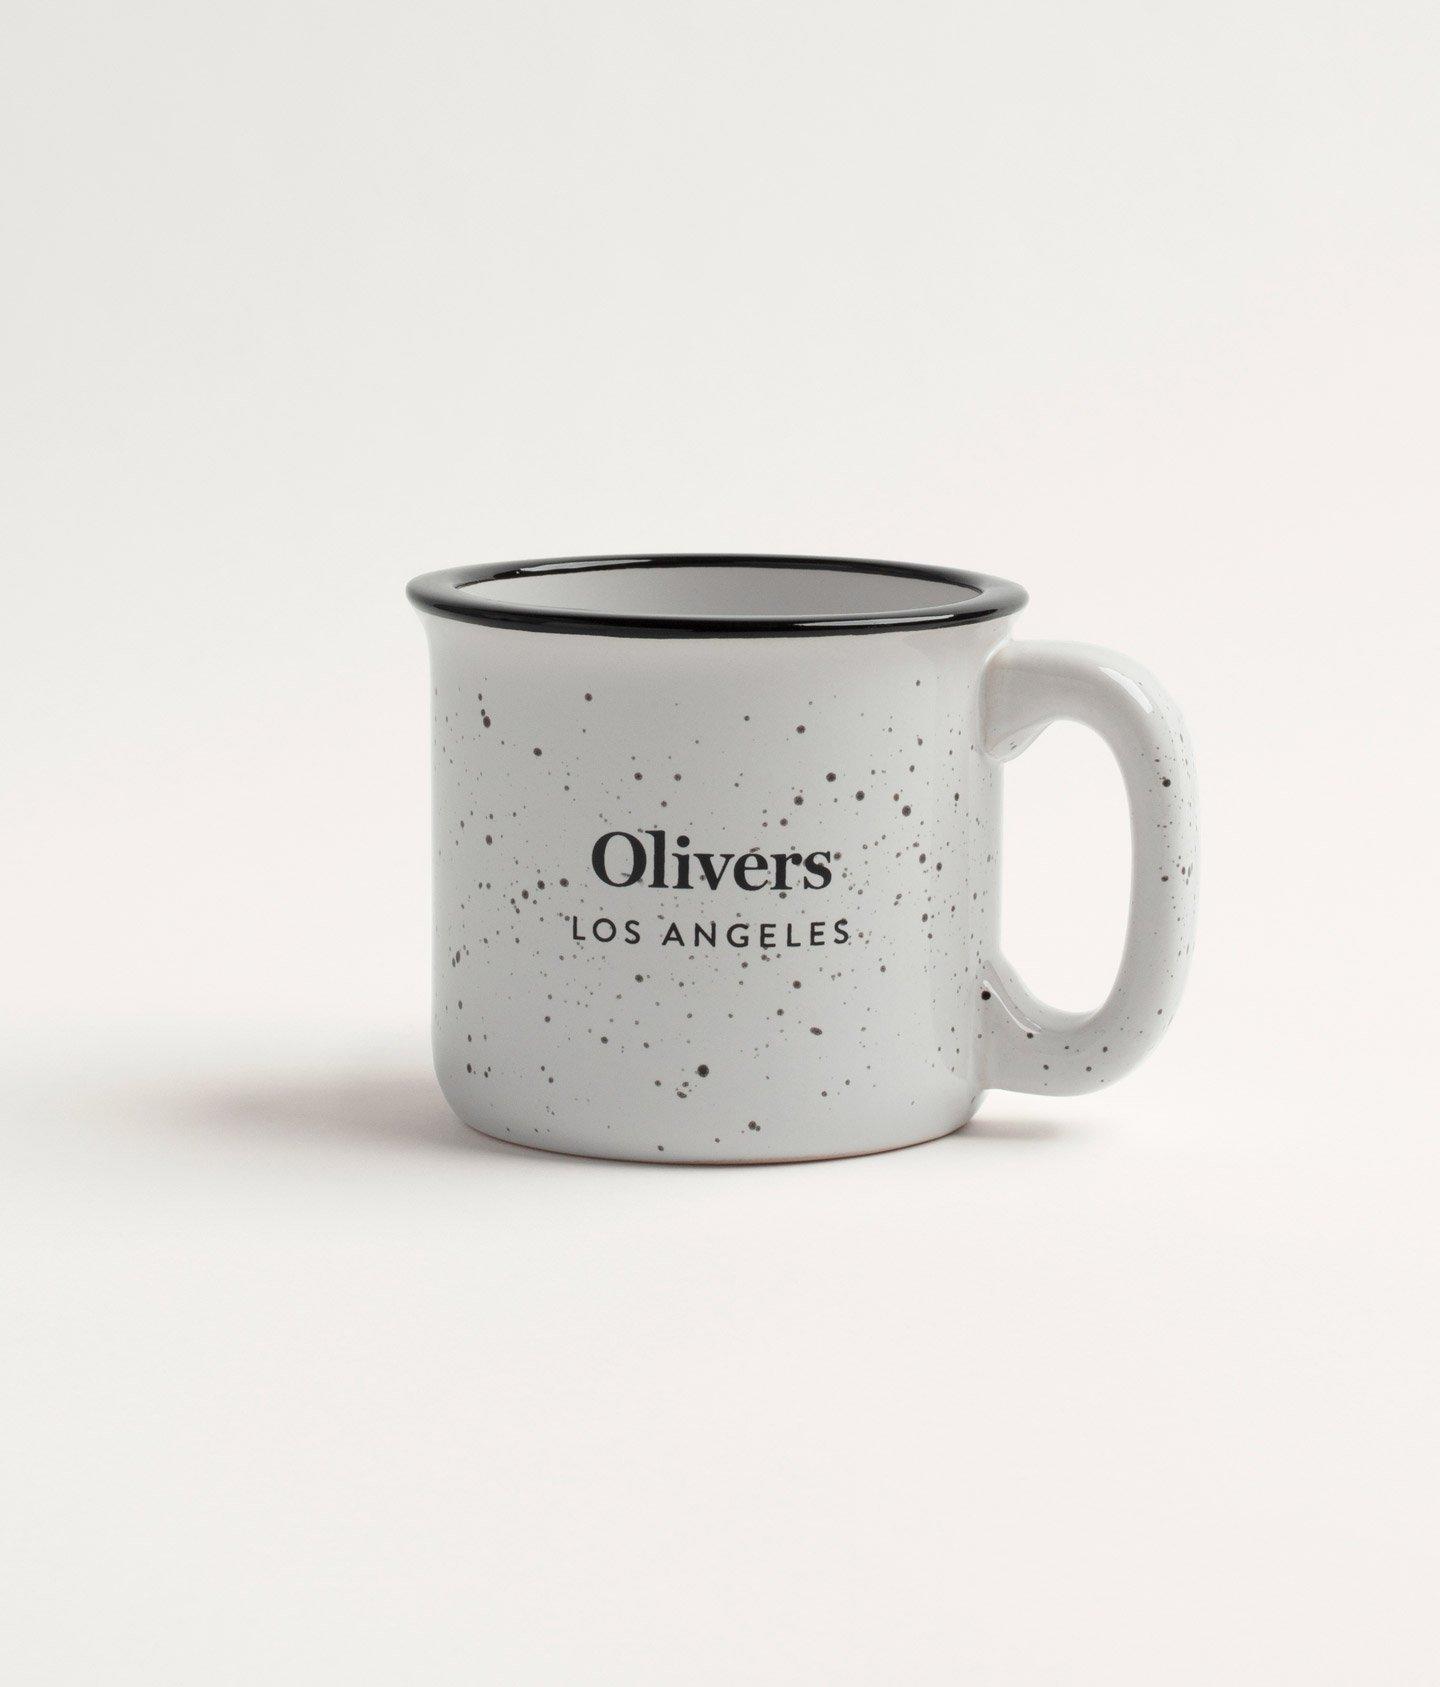 Olivers Coffee Mug